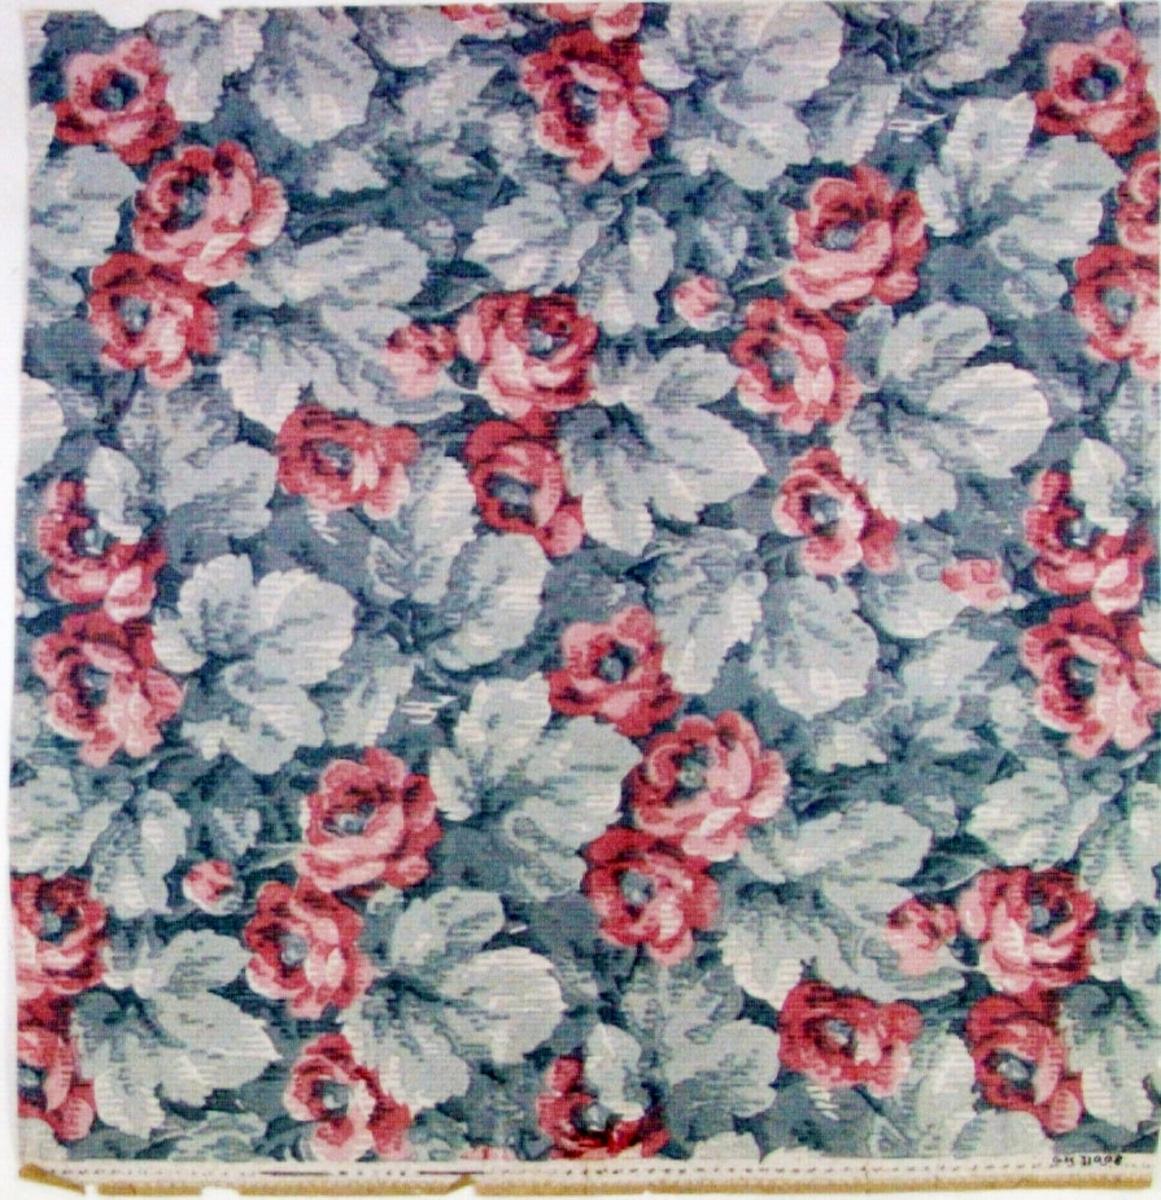 Tätt ytfyllande blad-/rosenmönster i tre rosa och tre ljusgrå nyanser. Övertryck med ett vitt rutmönster.